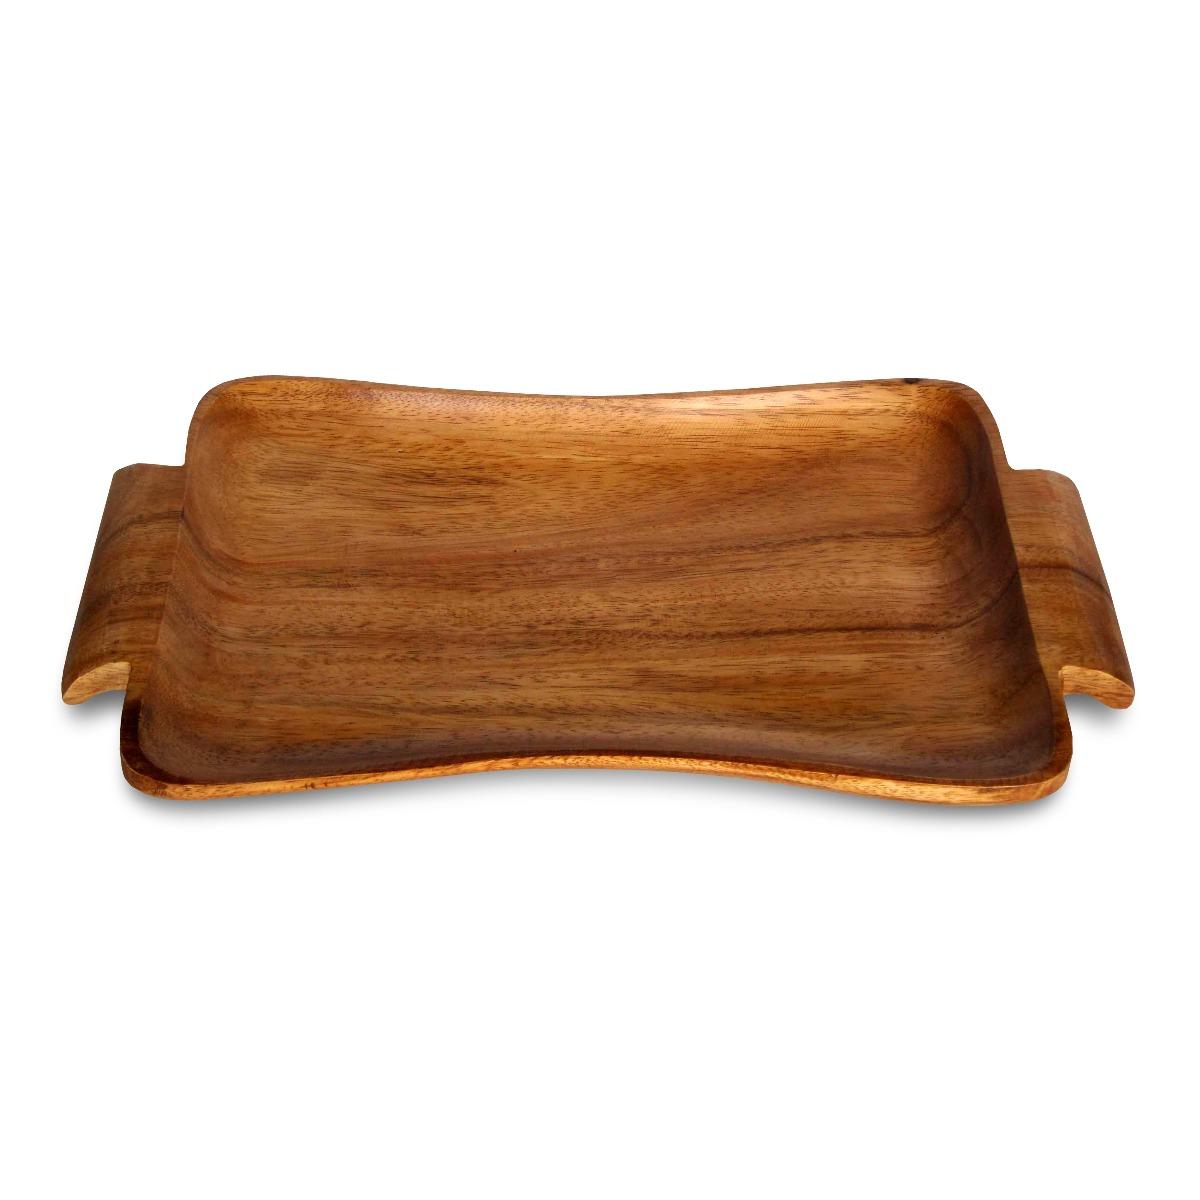 Поднос РетроБренд Oriental Way уже более 15 лет создает стильную и высококачественную посуду из натуральной тропической древесины и бамбука. Поднос Ретро несет в себе всю красоту деревенского быта и который передан в каждой детали этого изделия. Он отлично подойдет для подачи хлеба или овощей. Это очень удобный предмет сервировки, который обязательно украсит Ваш дом и порадует гостей. Деревянная посуда не впитывает влагу и запахи, а также имеет долгий срок службы, по сравнению с другими материалами. Такая посуда может быть отличным подарком, ведь она отличается своим качеством и оригинальностью. Нельзя мыть в посудомоечной машине.<br>